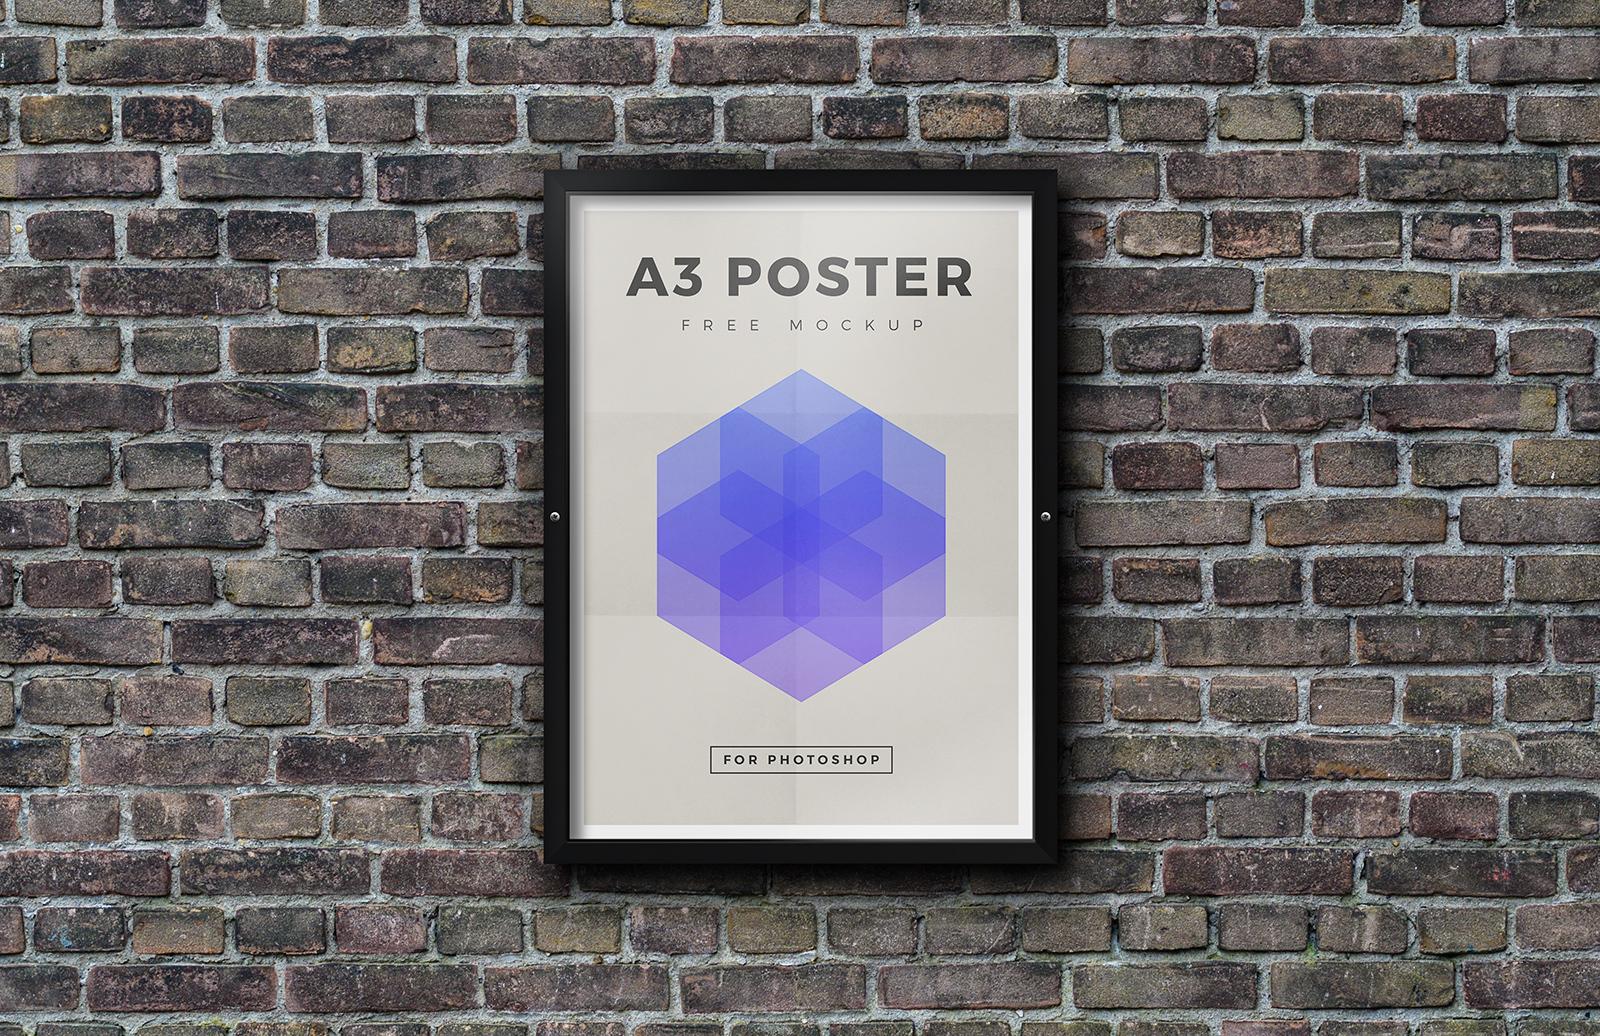 Free Outdoor Framed Poster Mockup